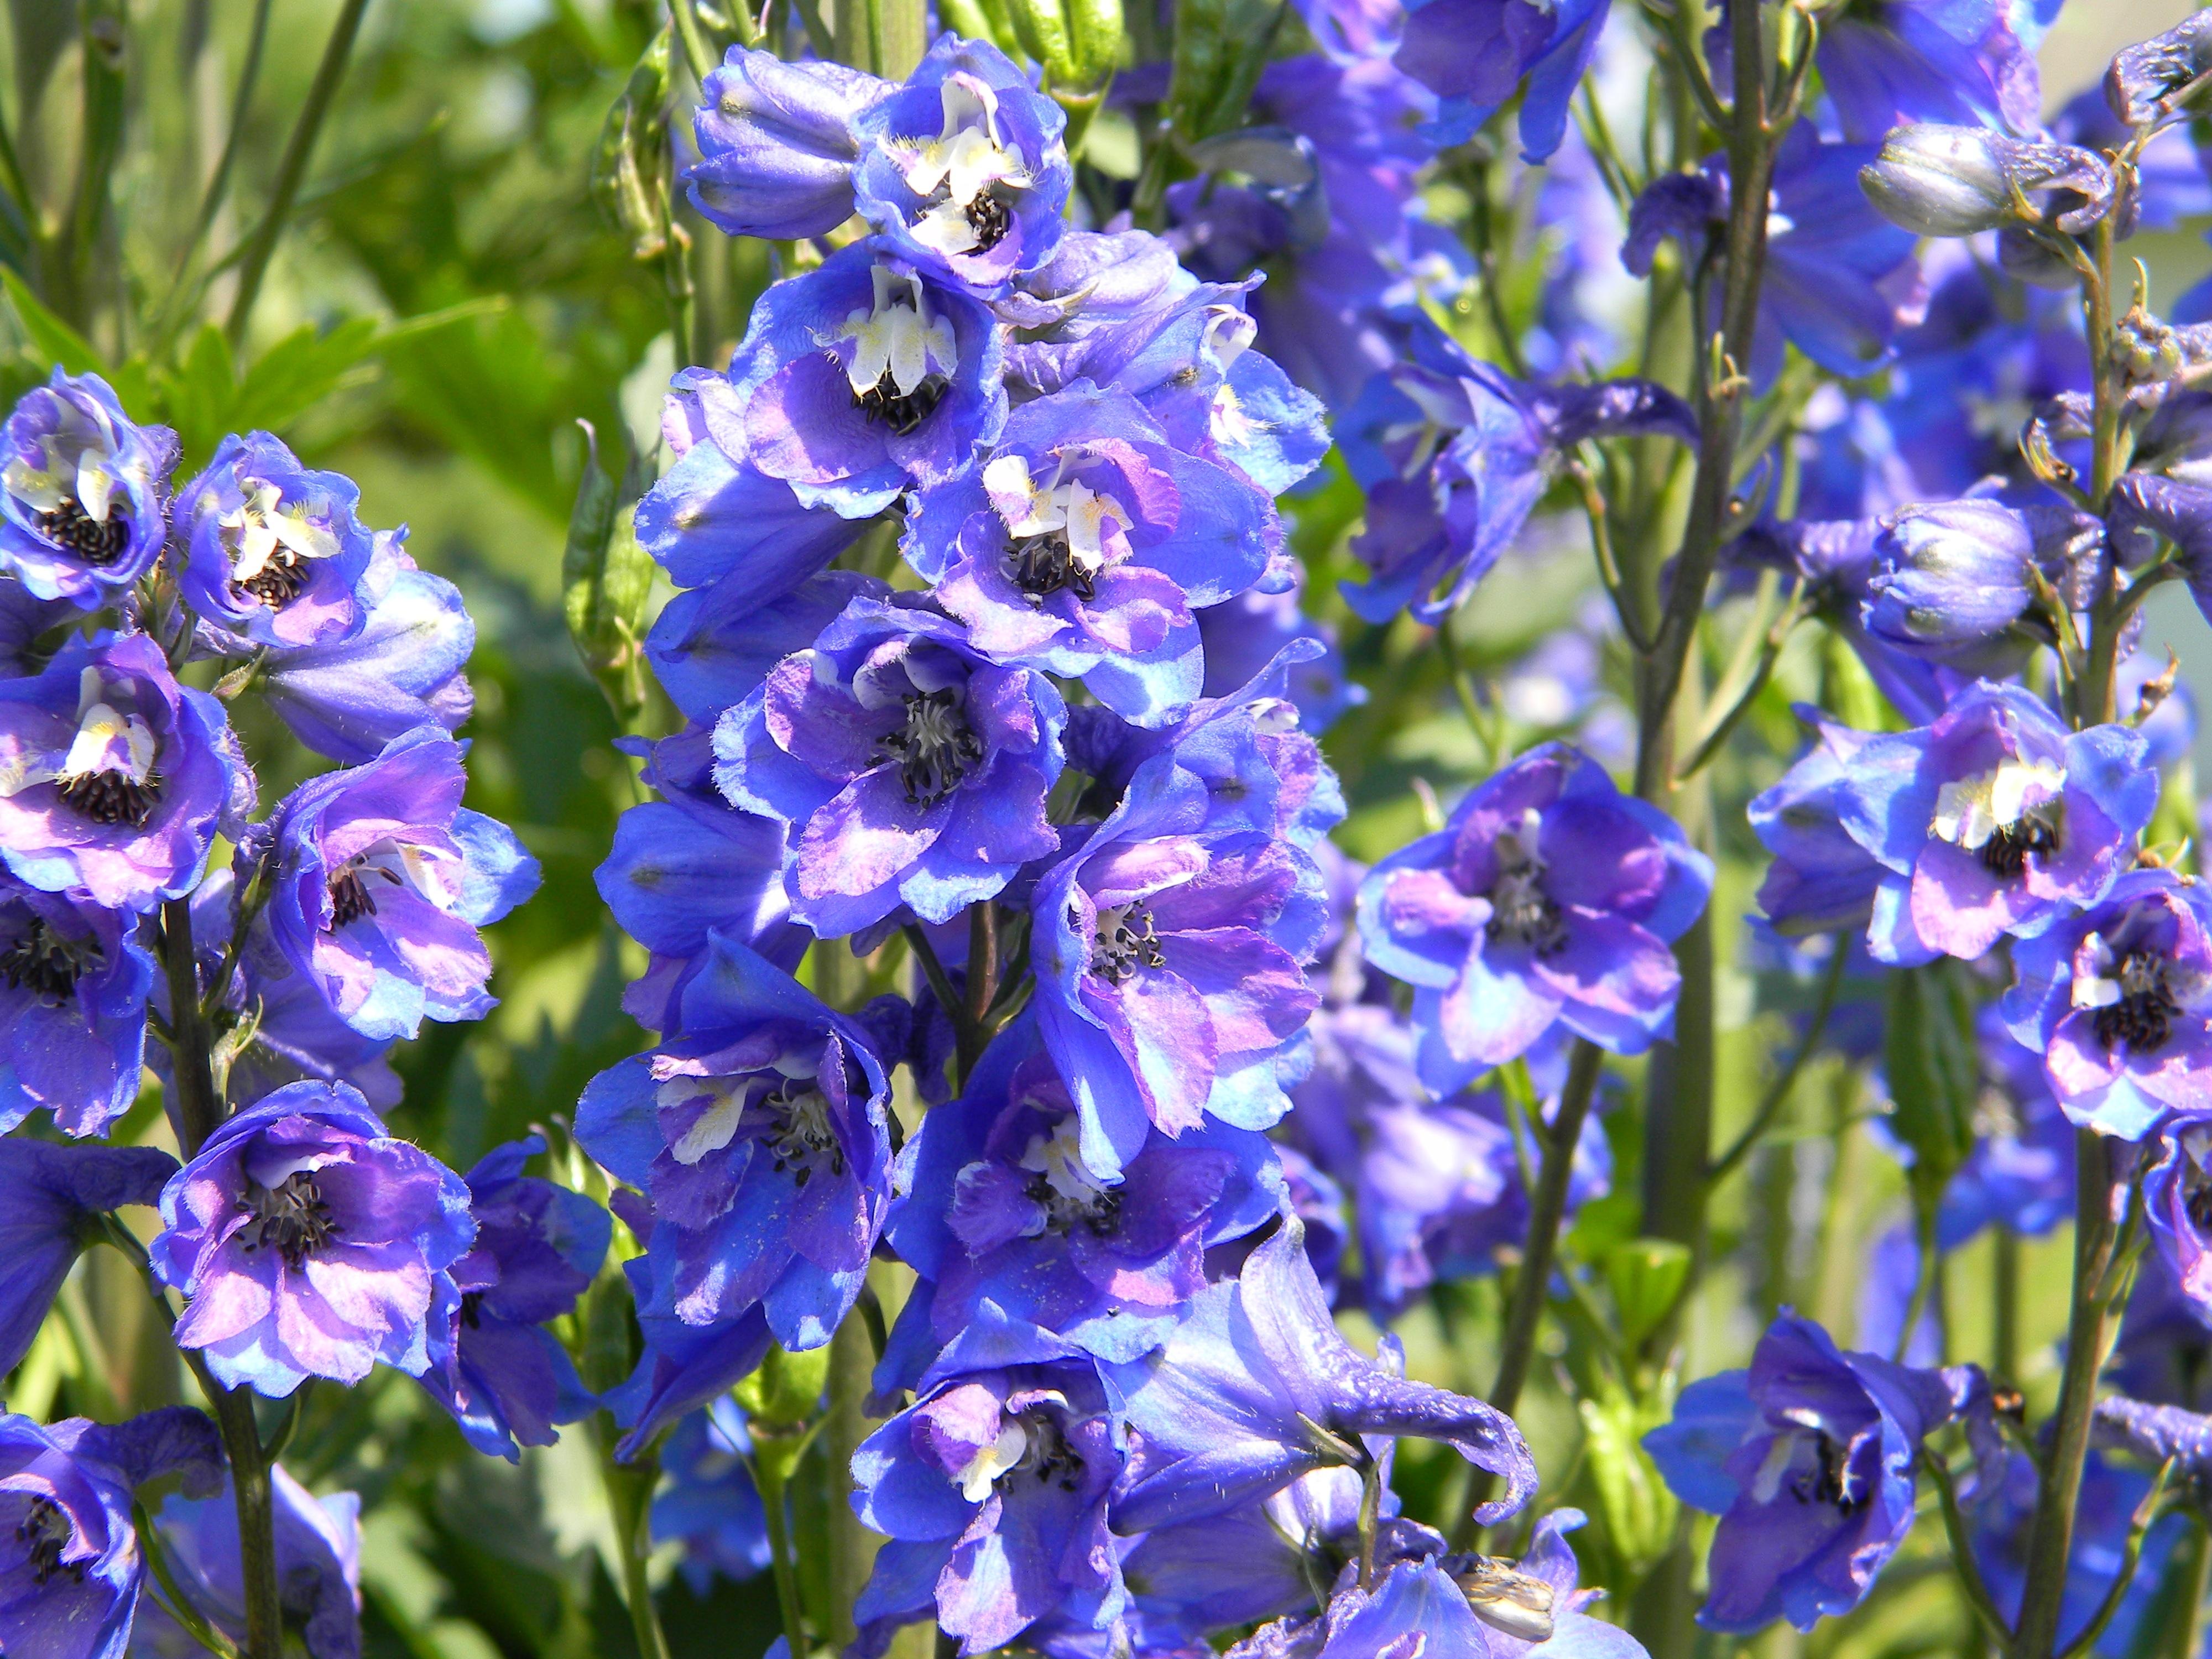 kostenlose foto : natur, blume, blühen, sommer-, grün, kraut, blau, Gartengestaltung